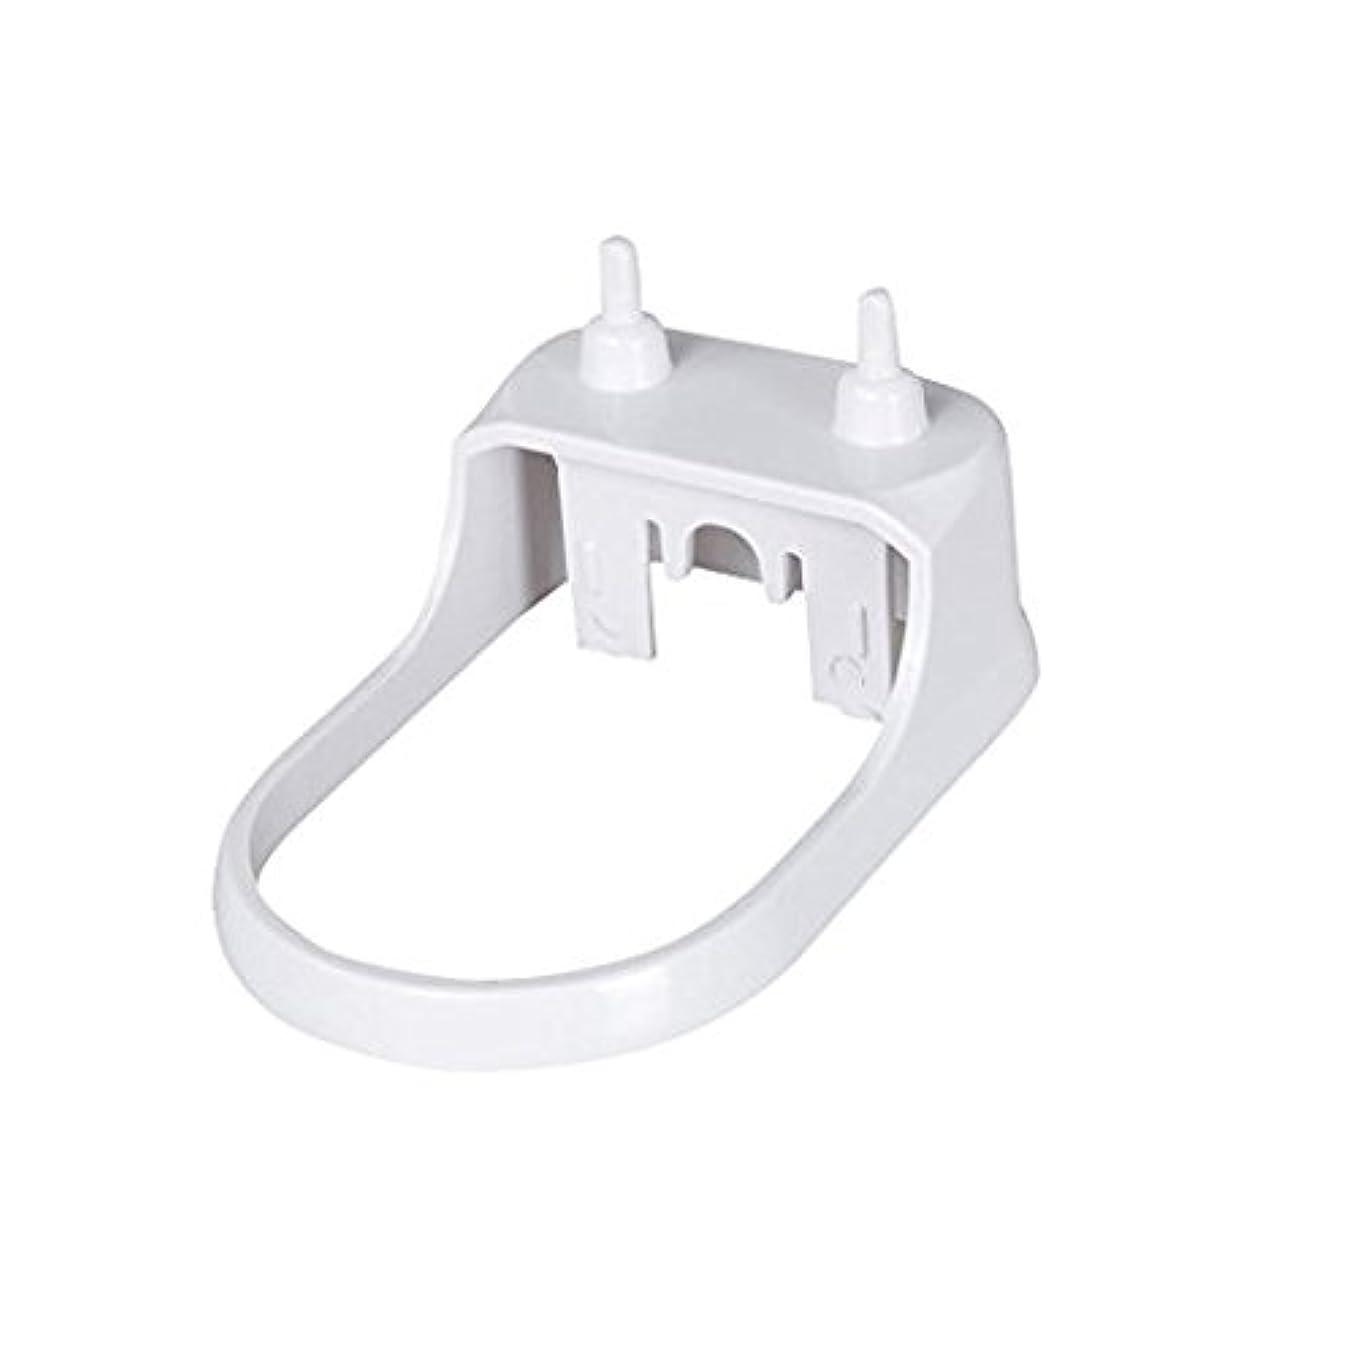 ページ批評届けるハードプラスチックスタンド for Philips sonicare 電動歯ブラシ専用 携帯用小型充電器 フィリップス ソニッケアー音波電動歯ブラシ 充電器 by Kadior (ホワイト)